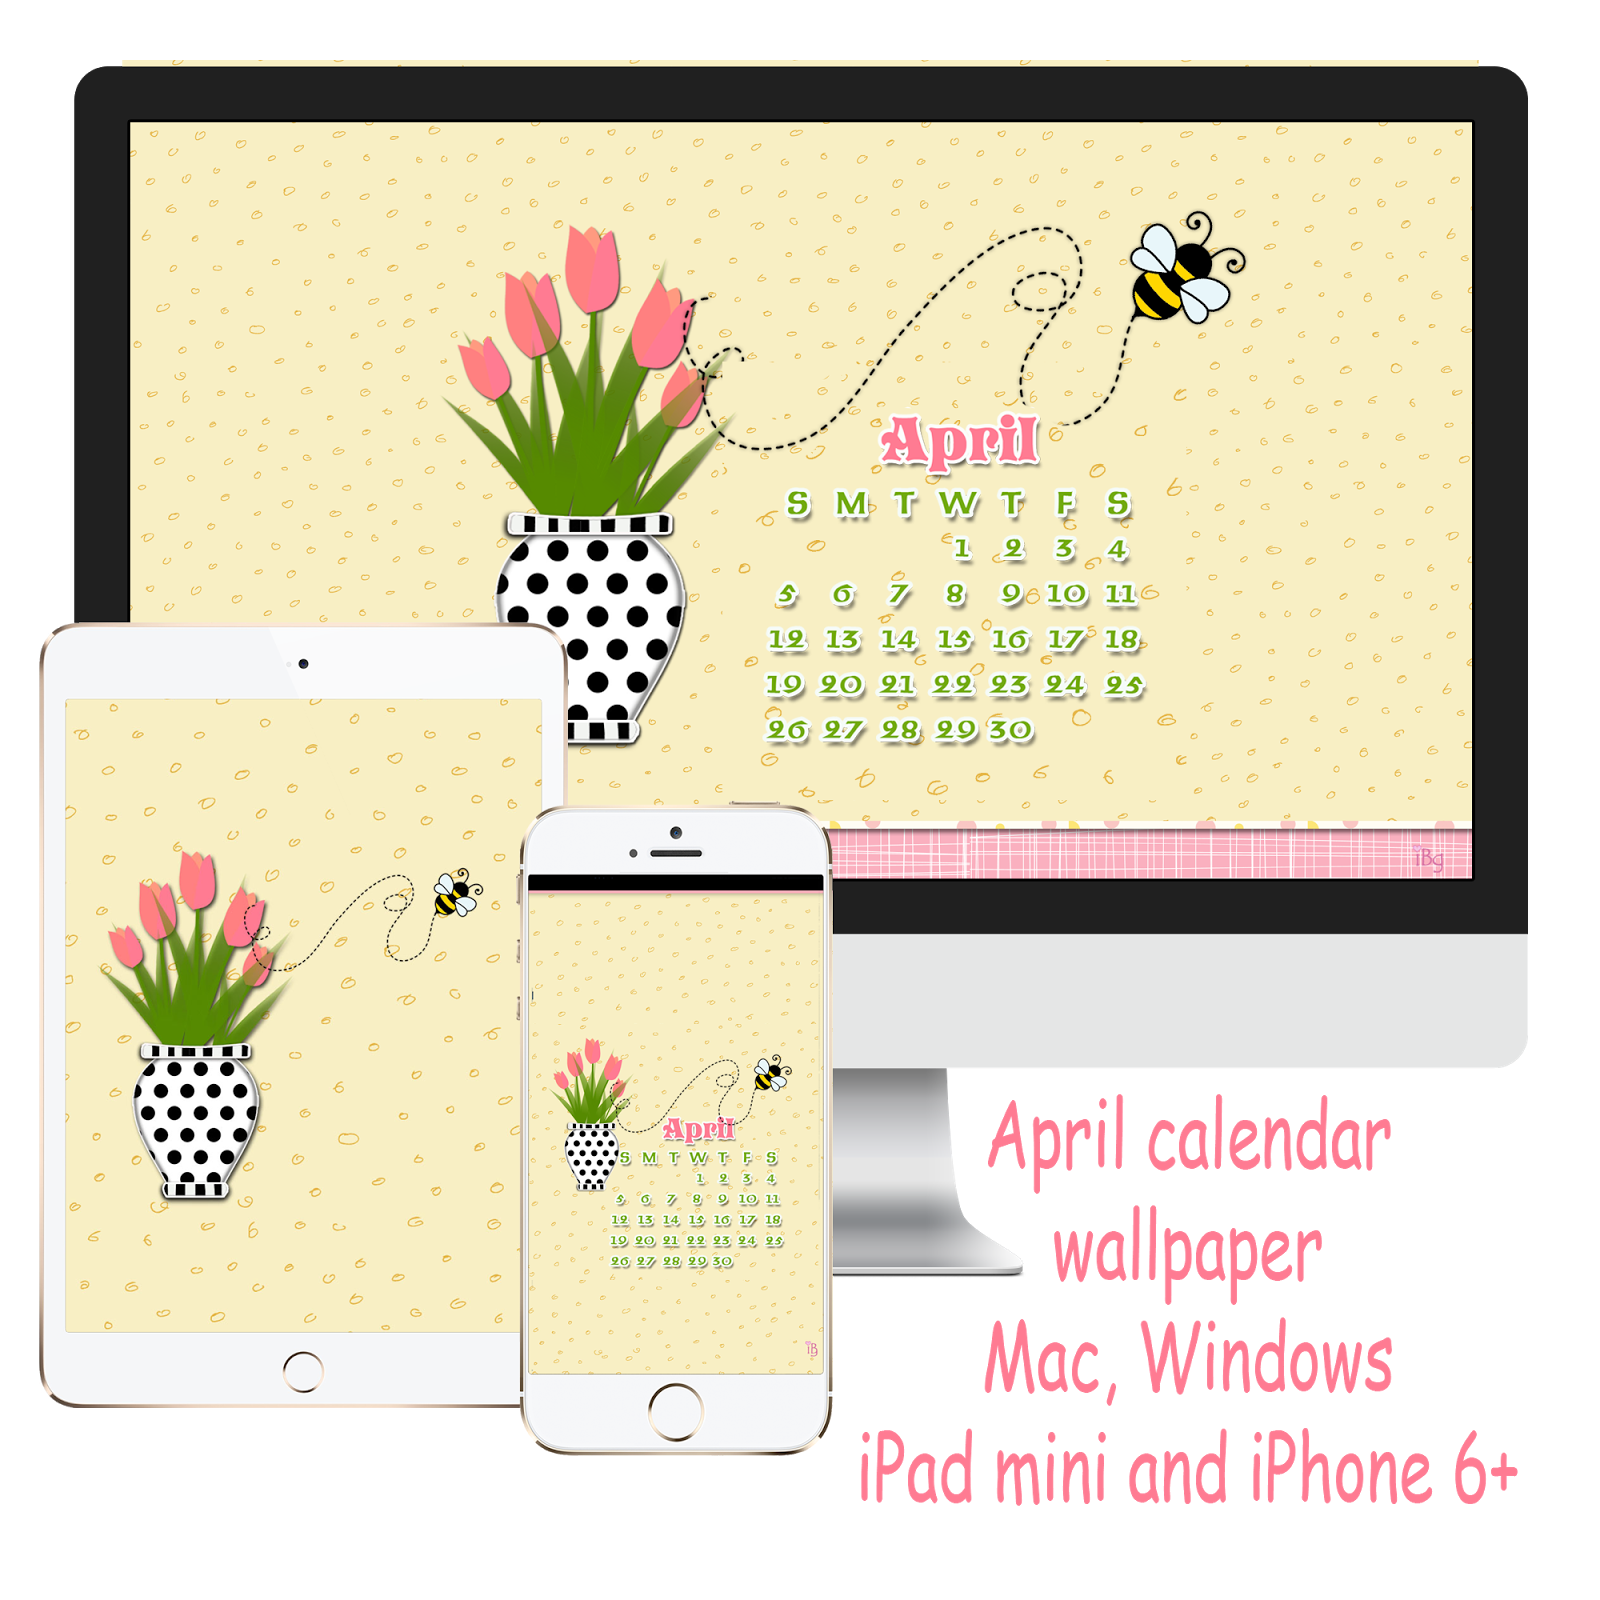 Great Wallpaper Mac Pineapple - master%2Bcalendar%2Bsetup%2BdevicesyellowX  Trends_715037.png